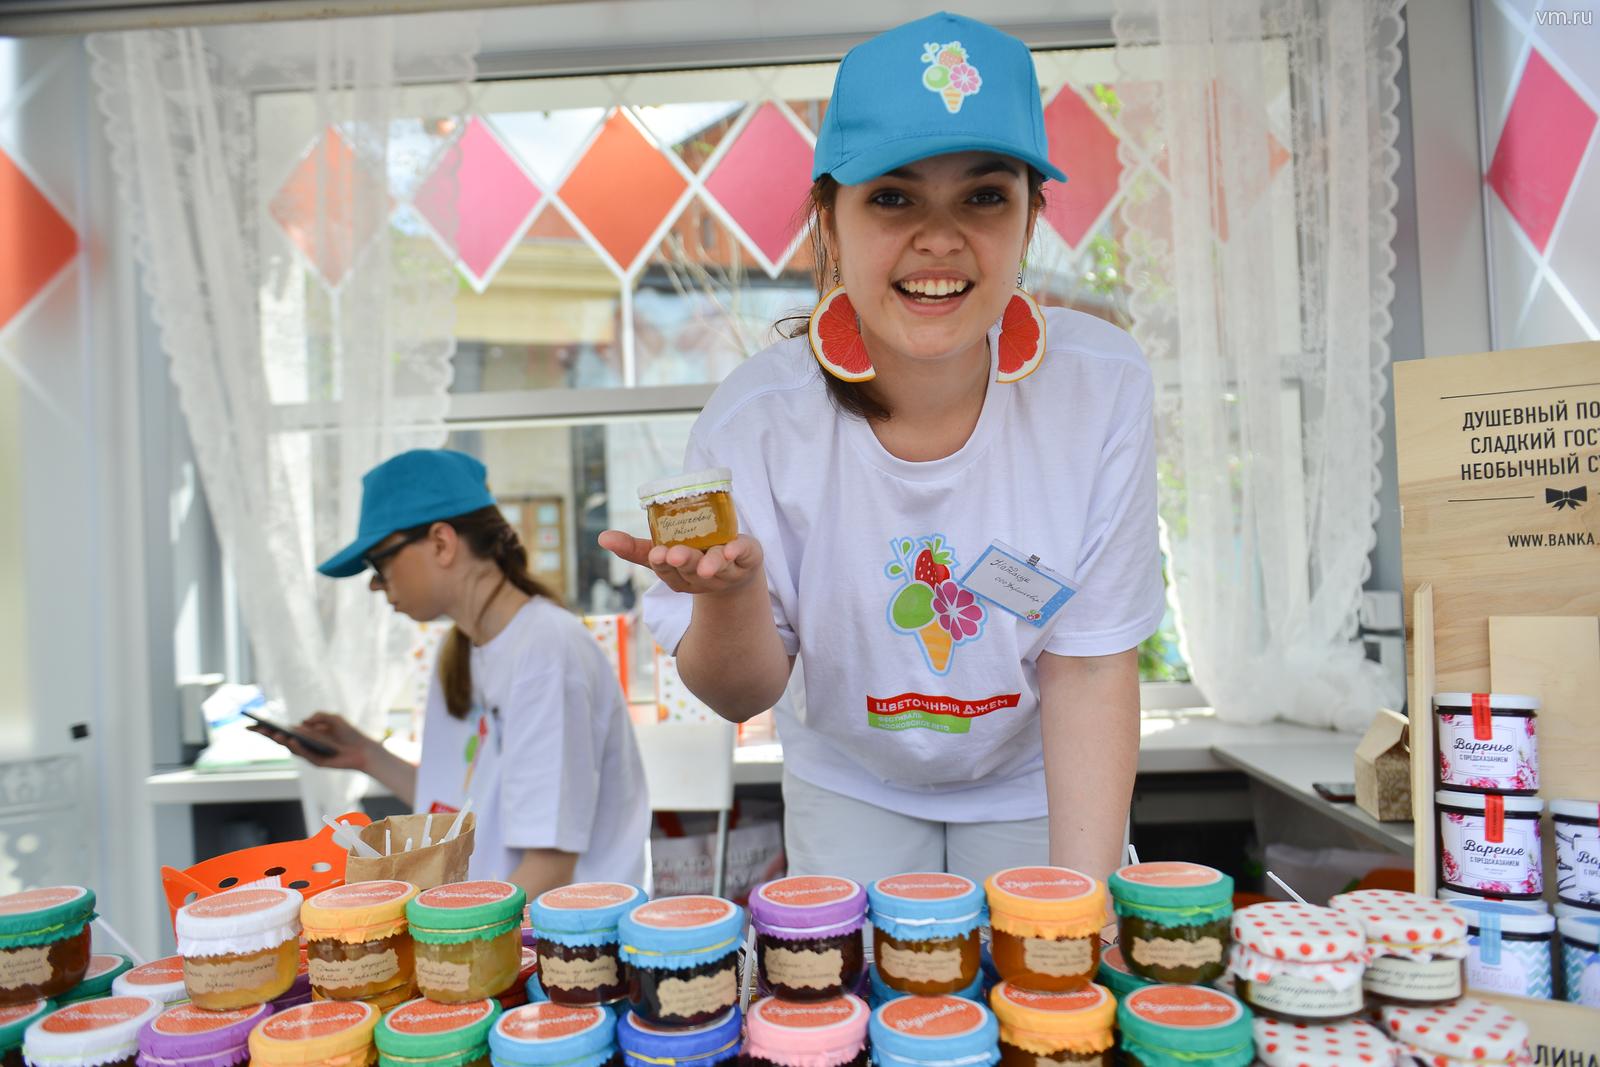 Жители столицы смогут попробовать мороженое с красной икрой и беконом на фестивале «Цветочный джем»